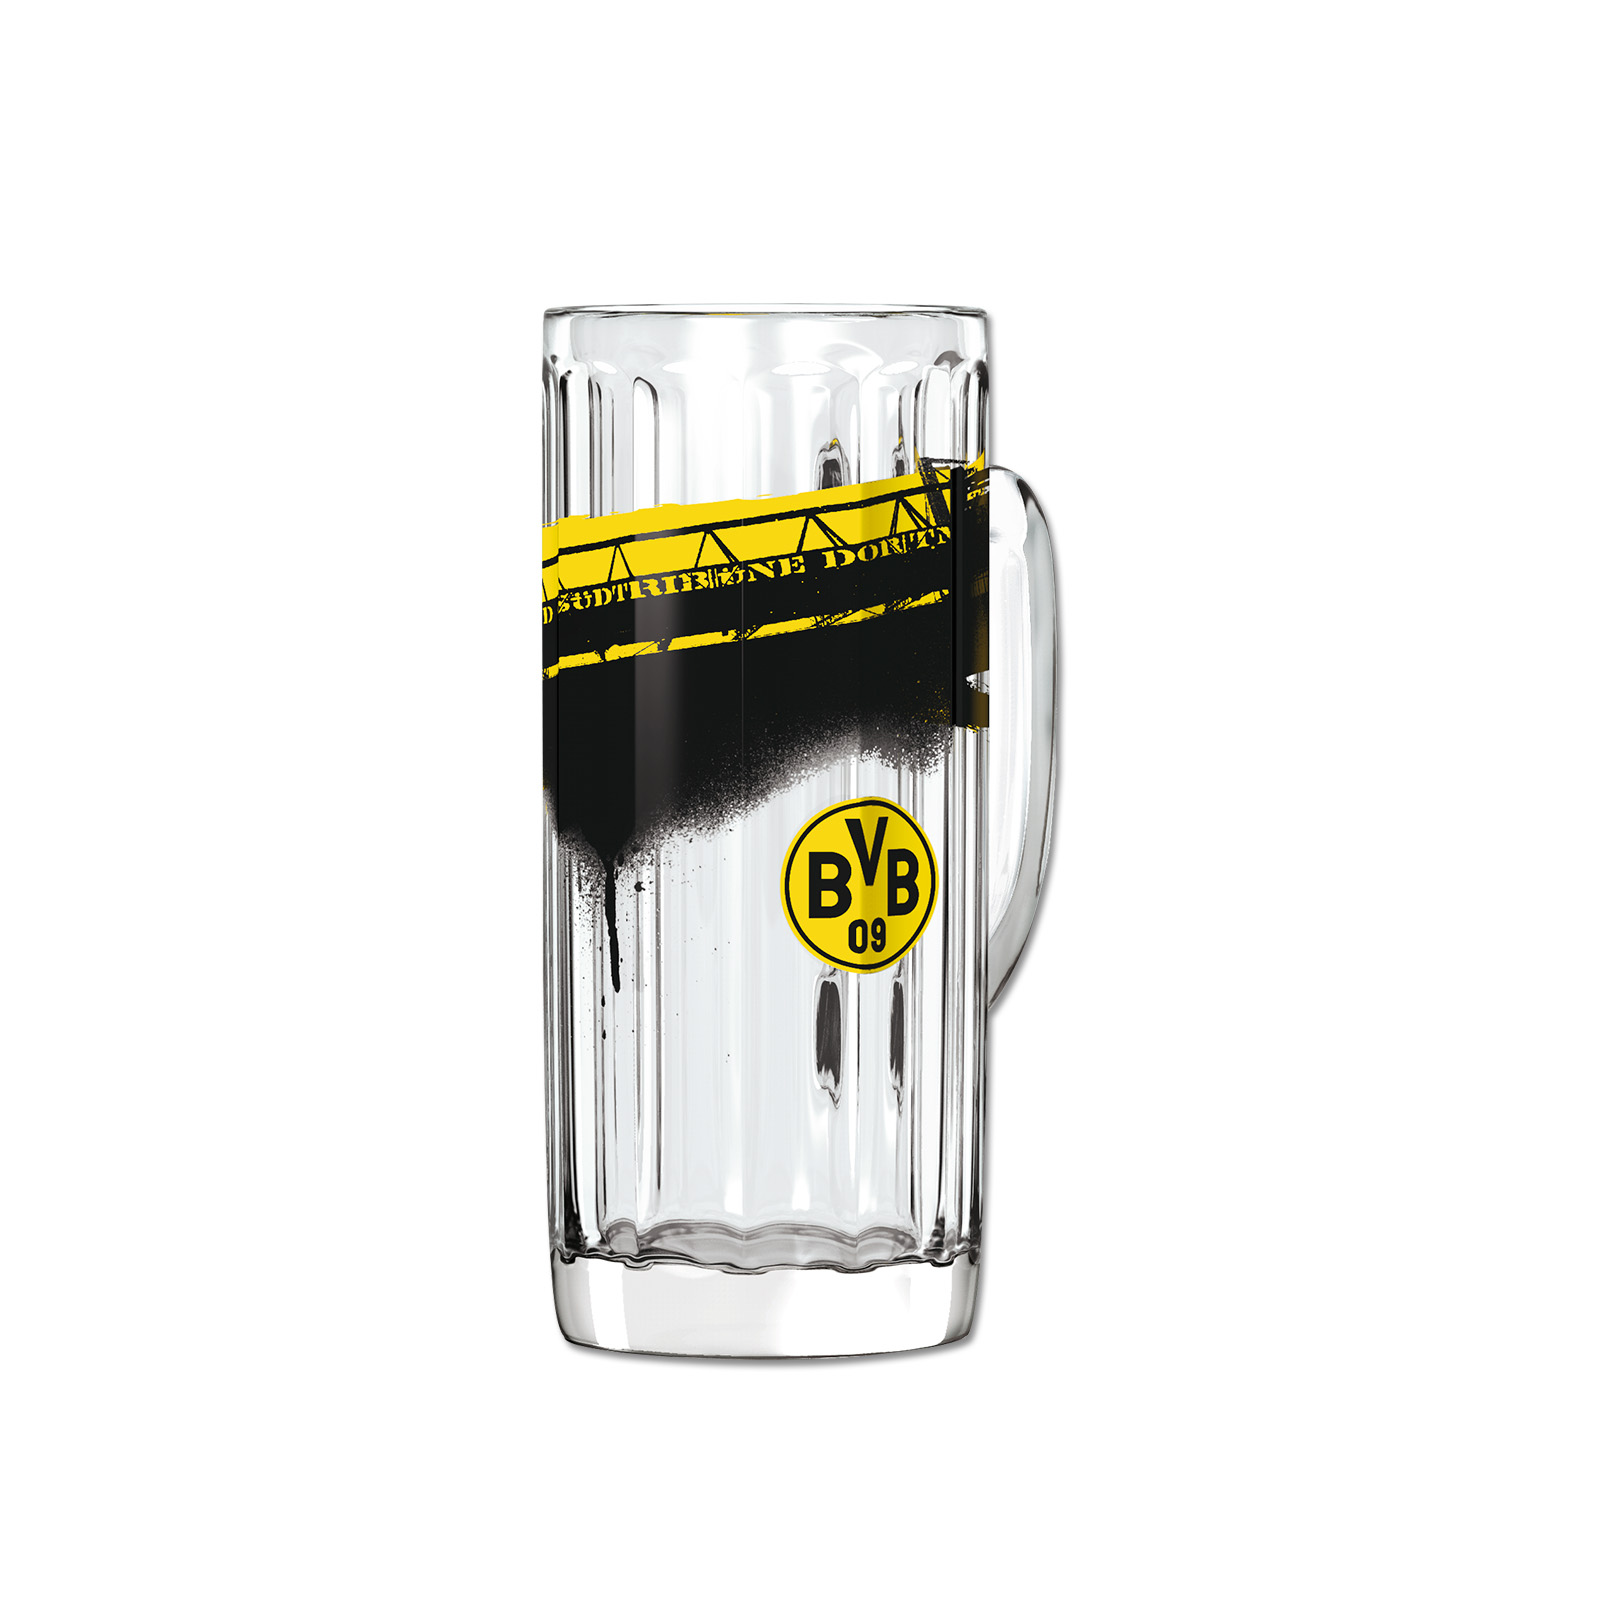 BVB Bierkrug Pilsglas